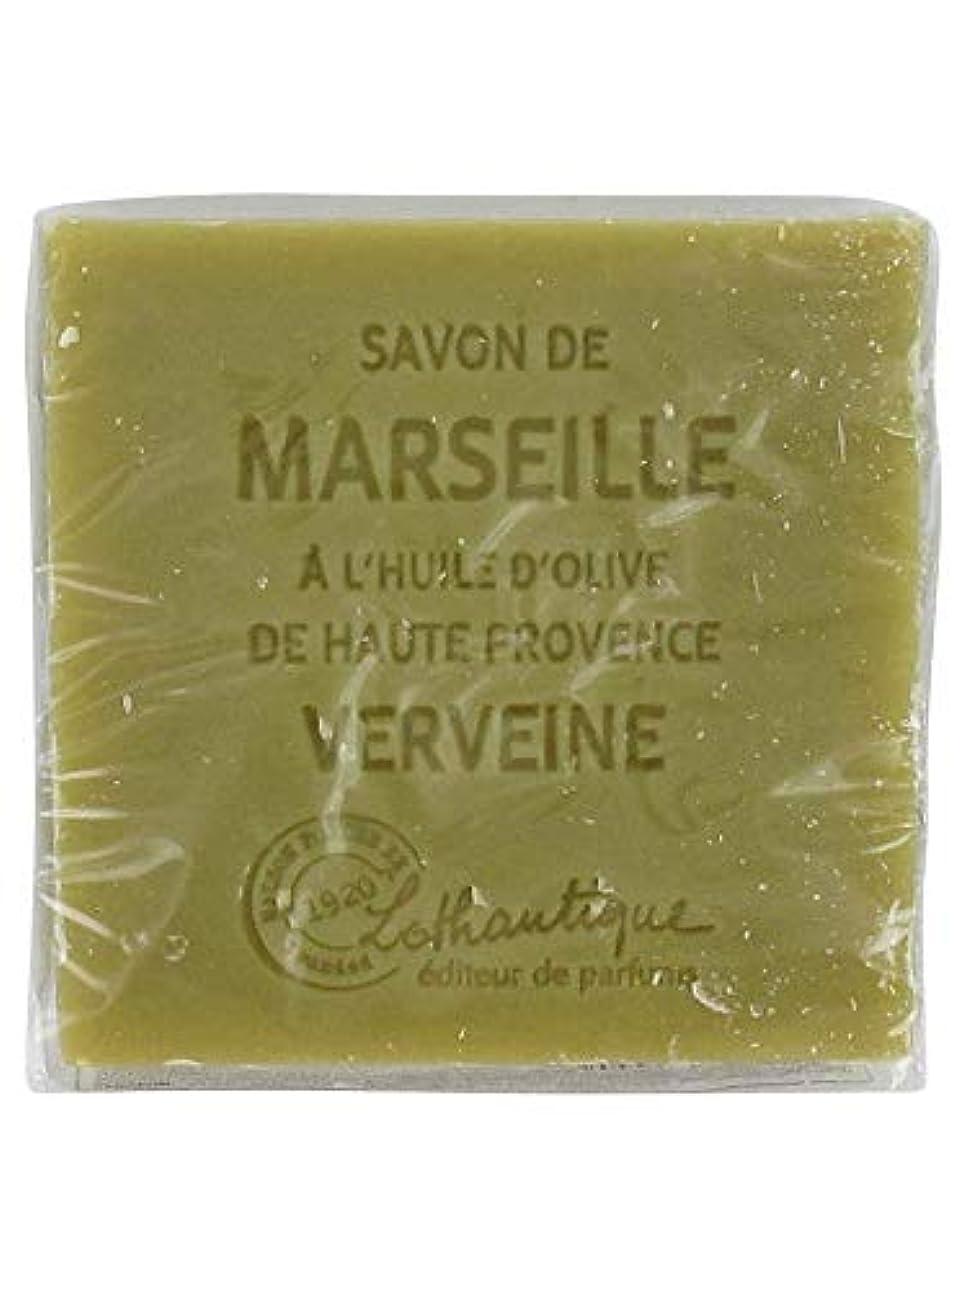 折る形状第三Lothantique(ロタンティック) Les savons de Marseille(マルセイユソープ) マルセイユソープ 100g 「ベルベーヌ」 3420070038142